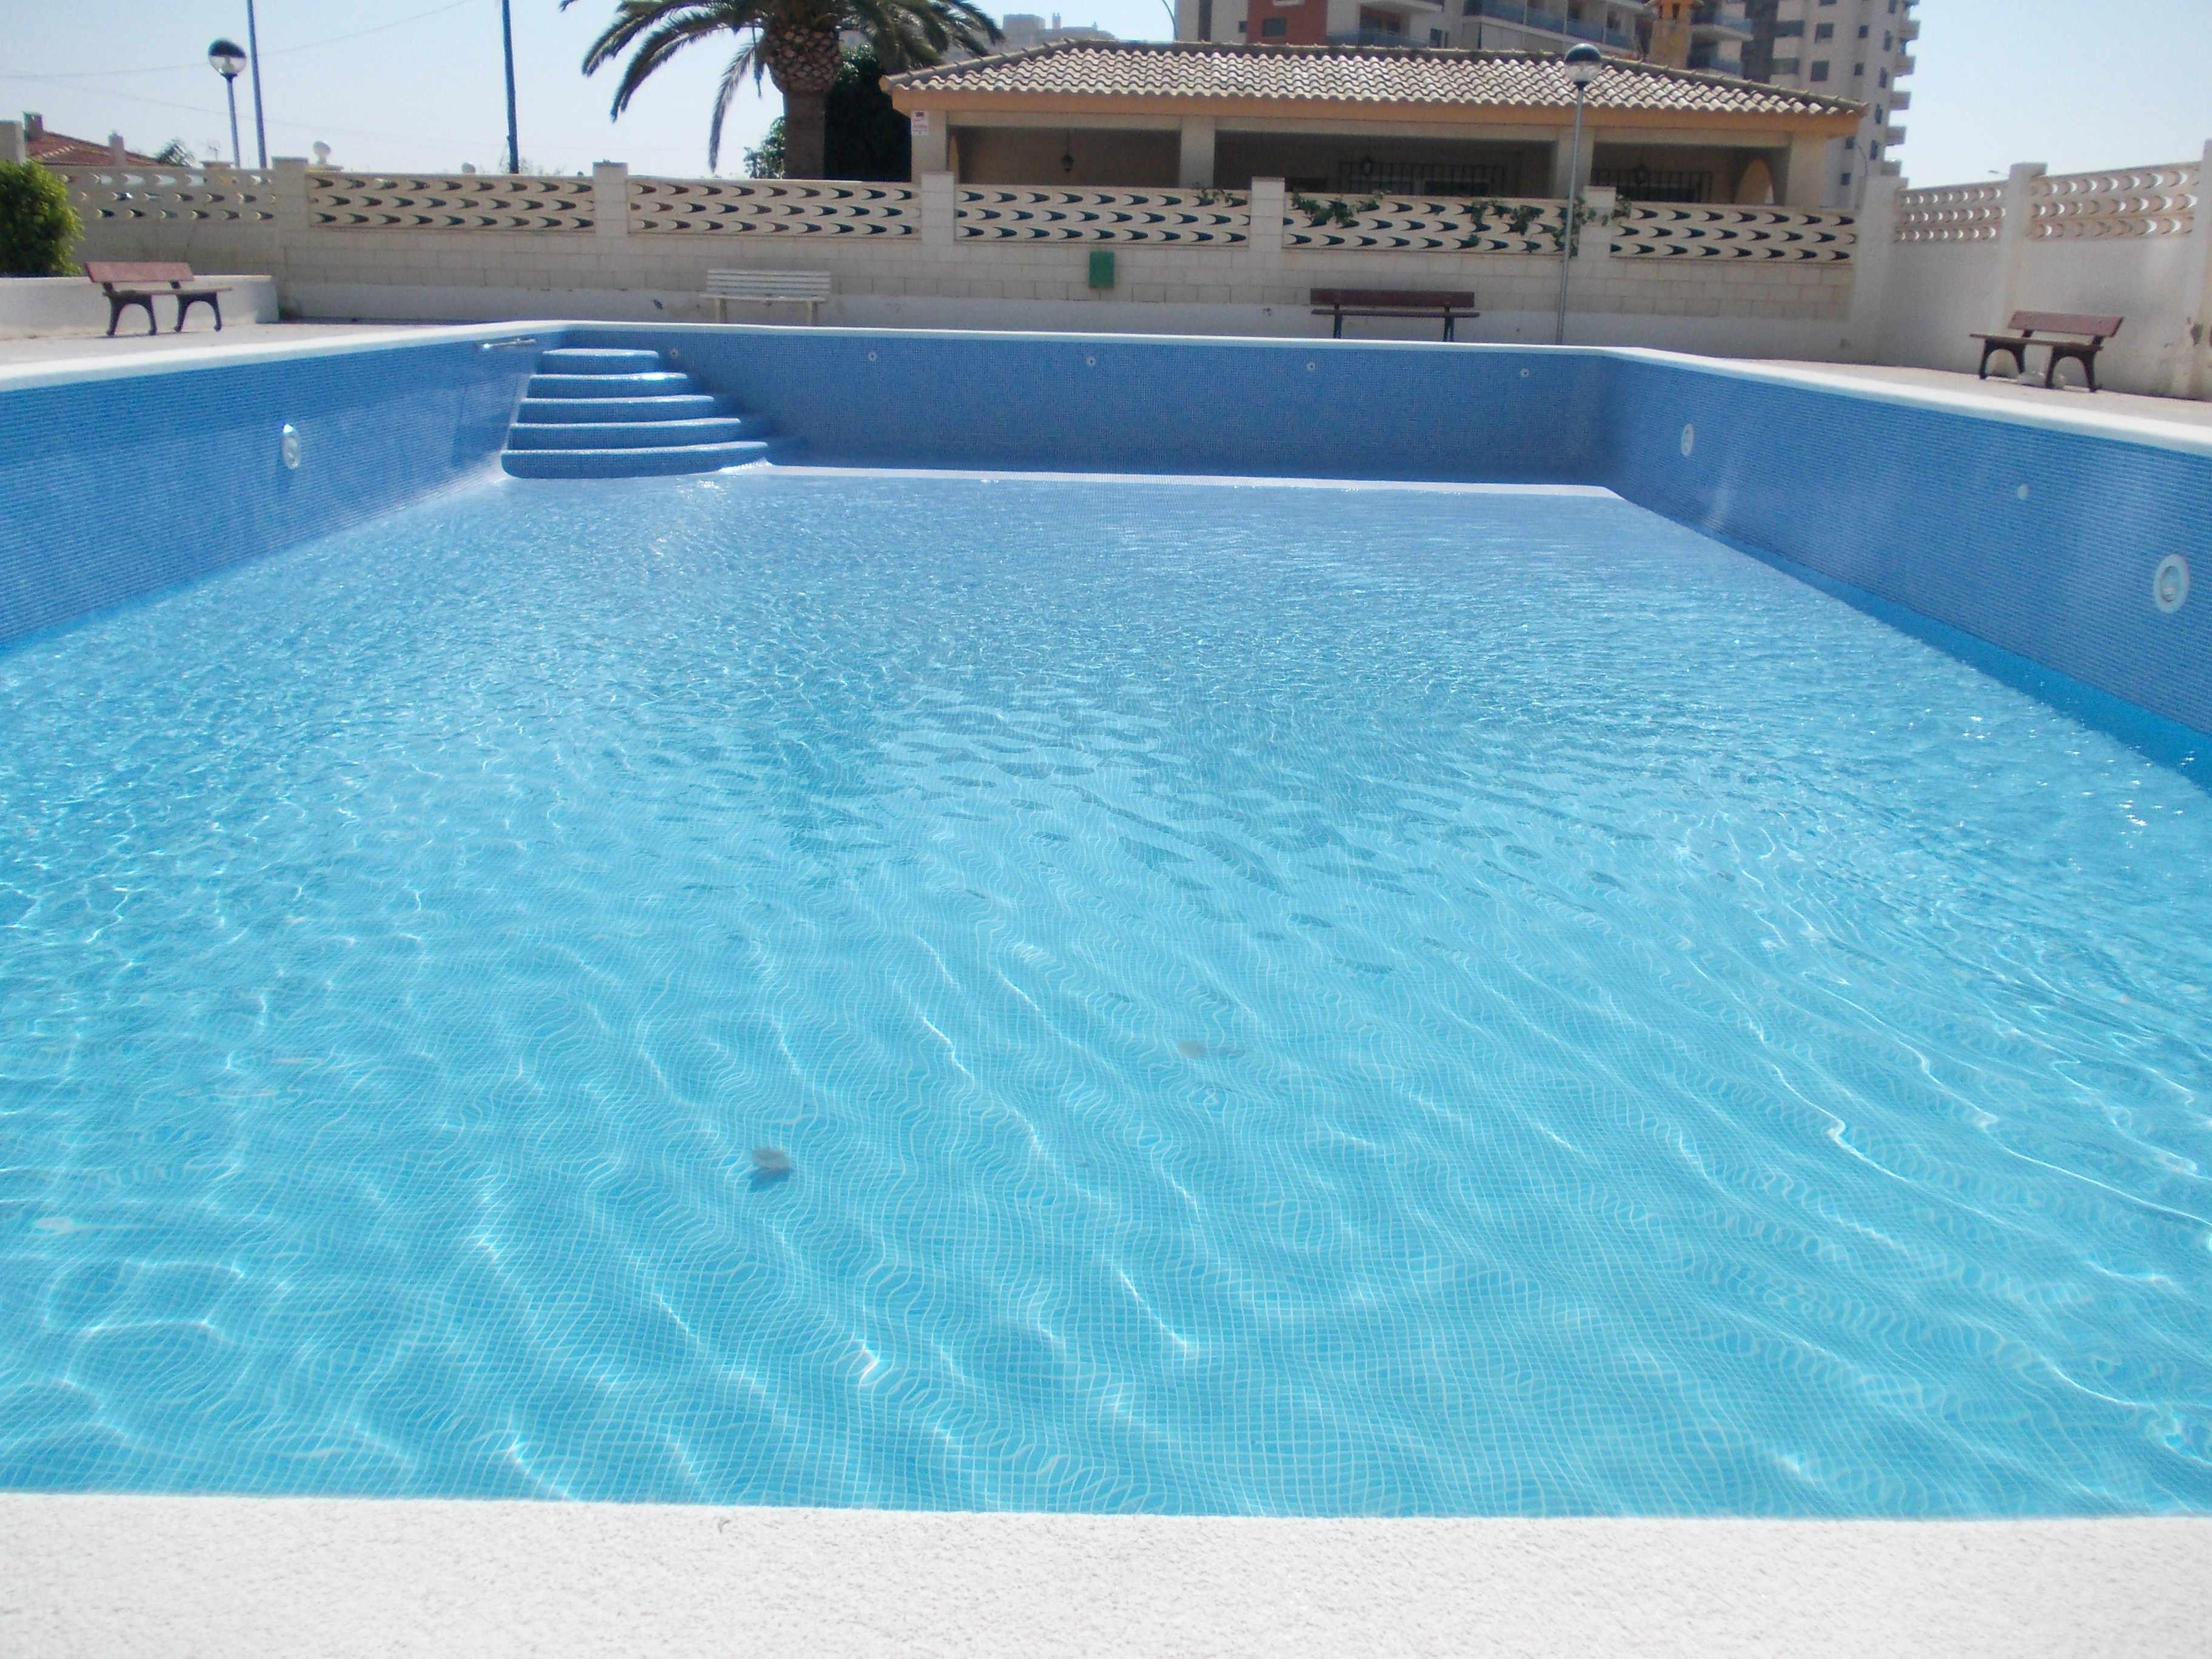 Preparar y conservar la piscina en invierno grupo bdi Piscinas moviles precios